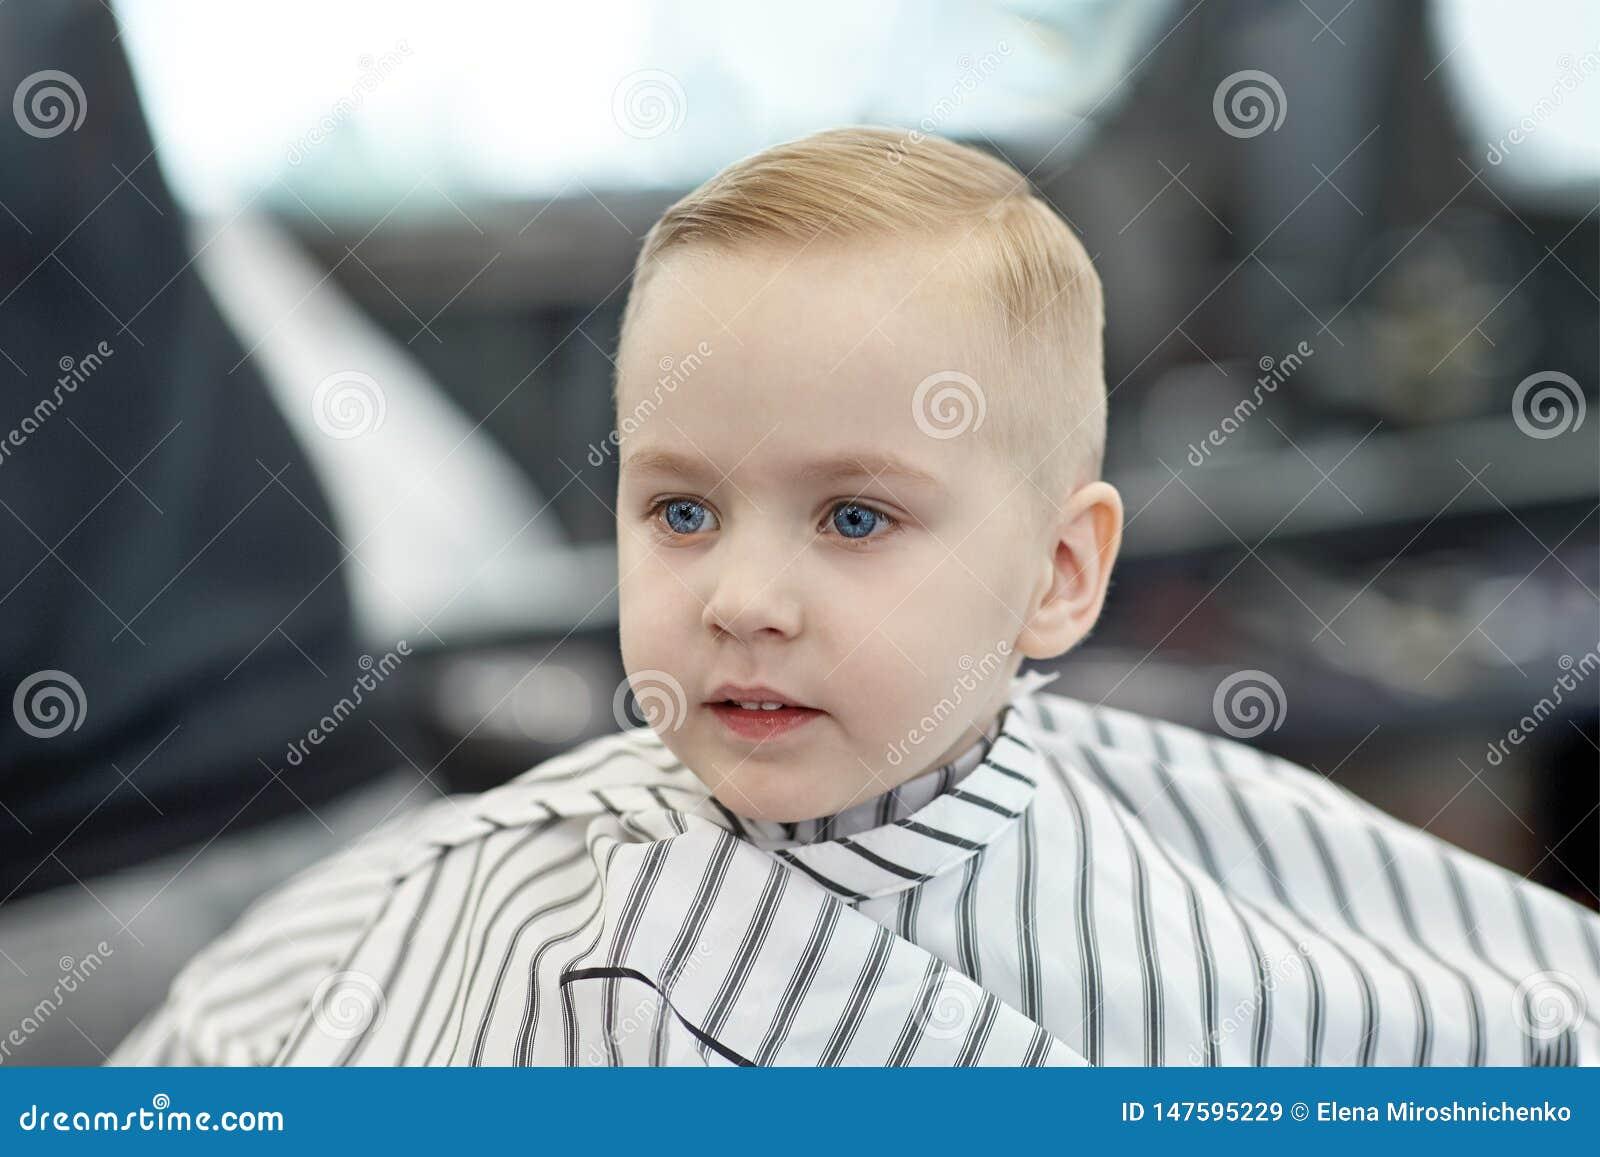 Leuke blonde glimlachende babyjongen met blauwe ogen in een kapperswinkel na kapsel door kapper De kinderen vormen in salon